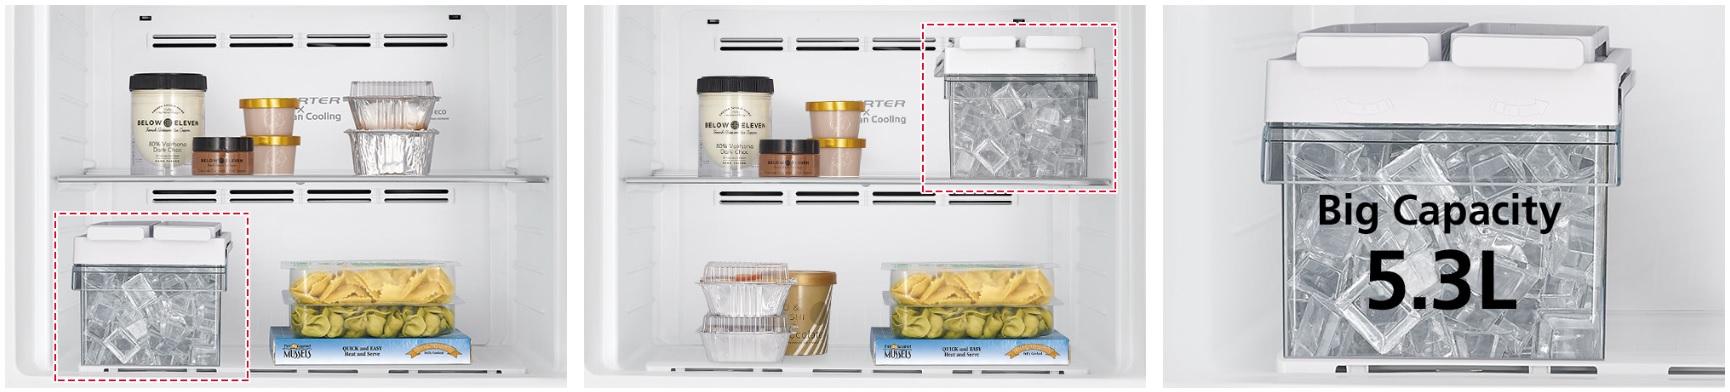 可移動式(5.3L大容量)製冰盒